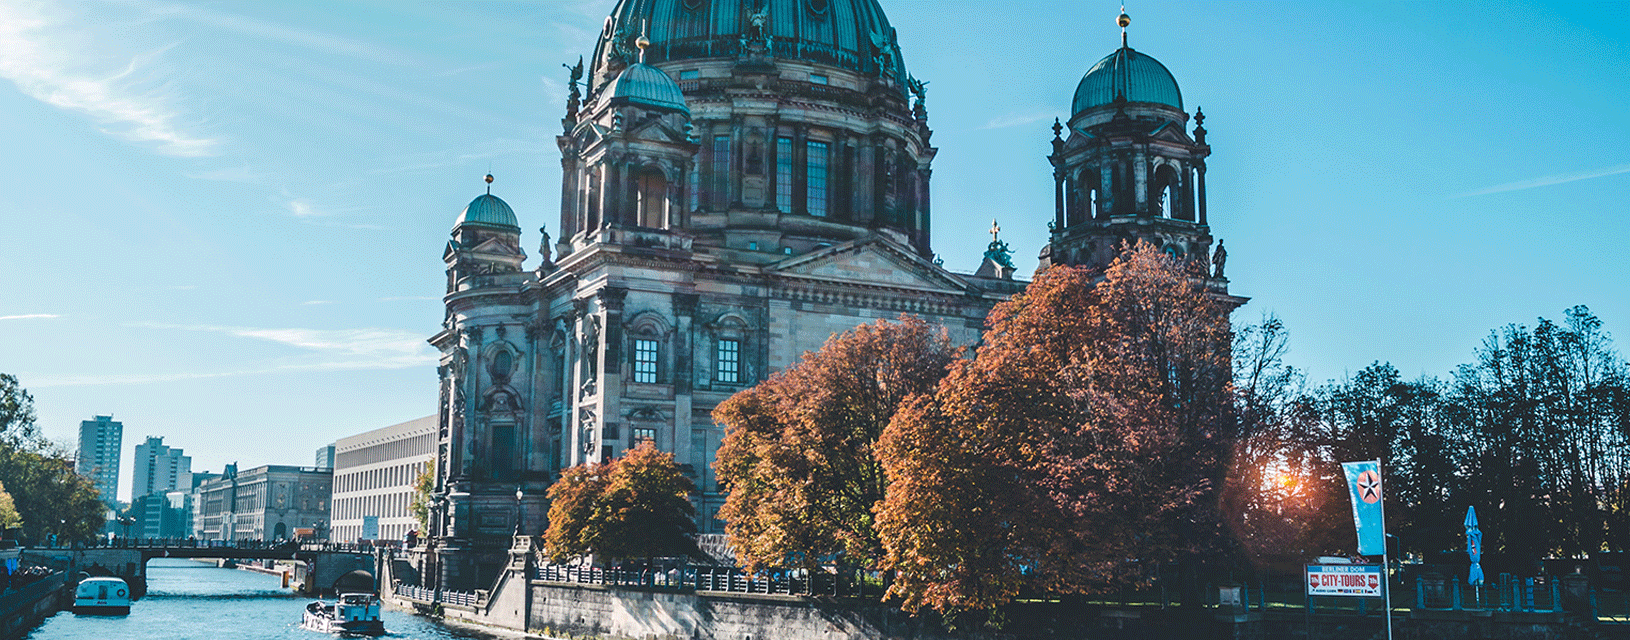 event-agentur-planung-umsetzung-berlin